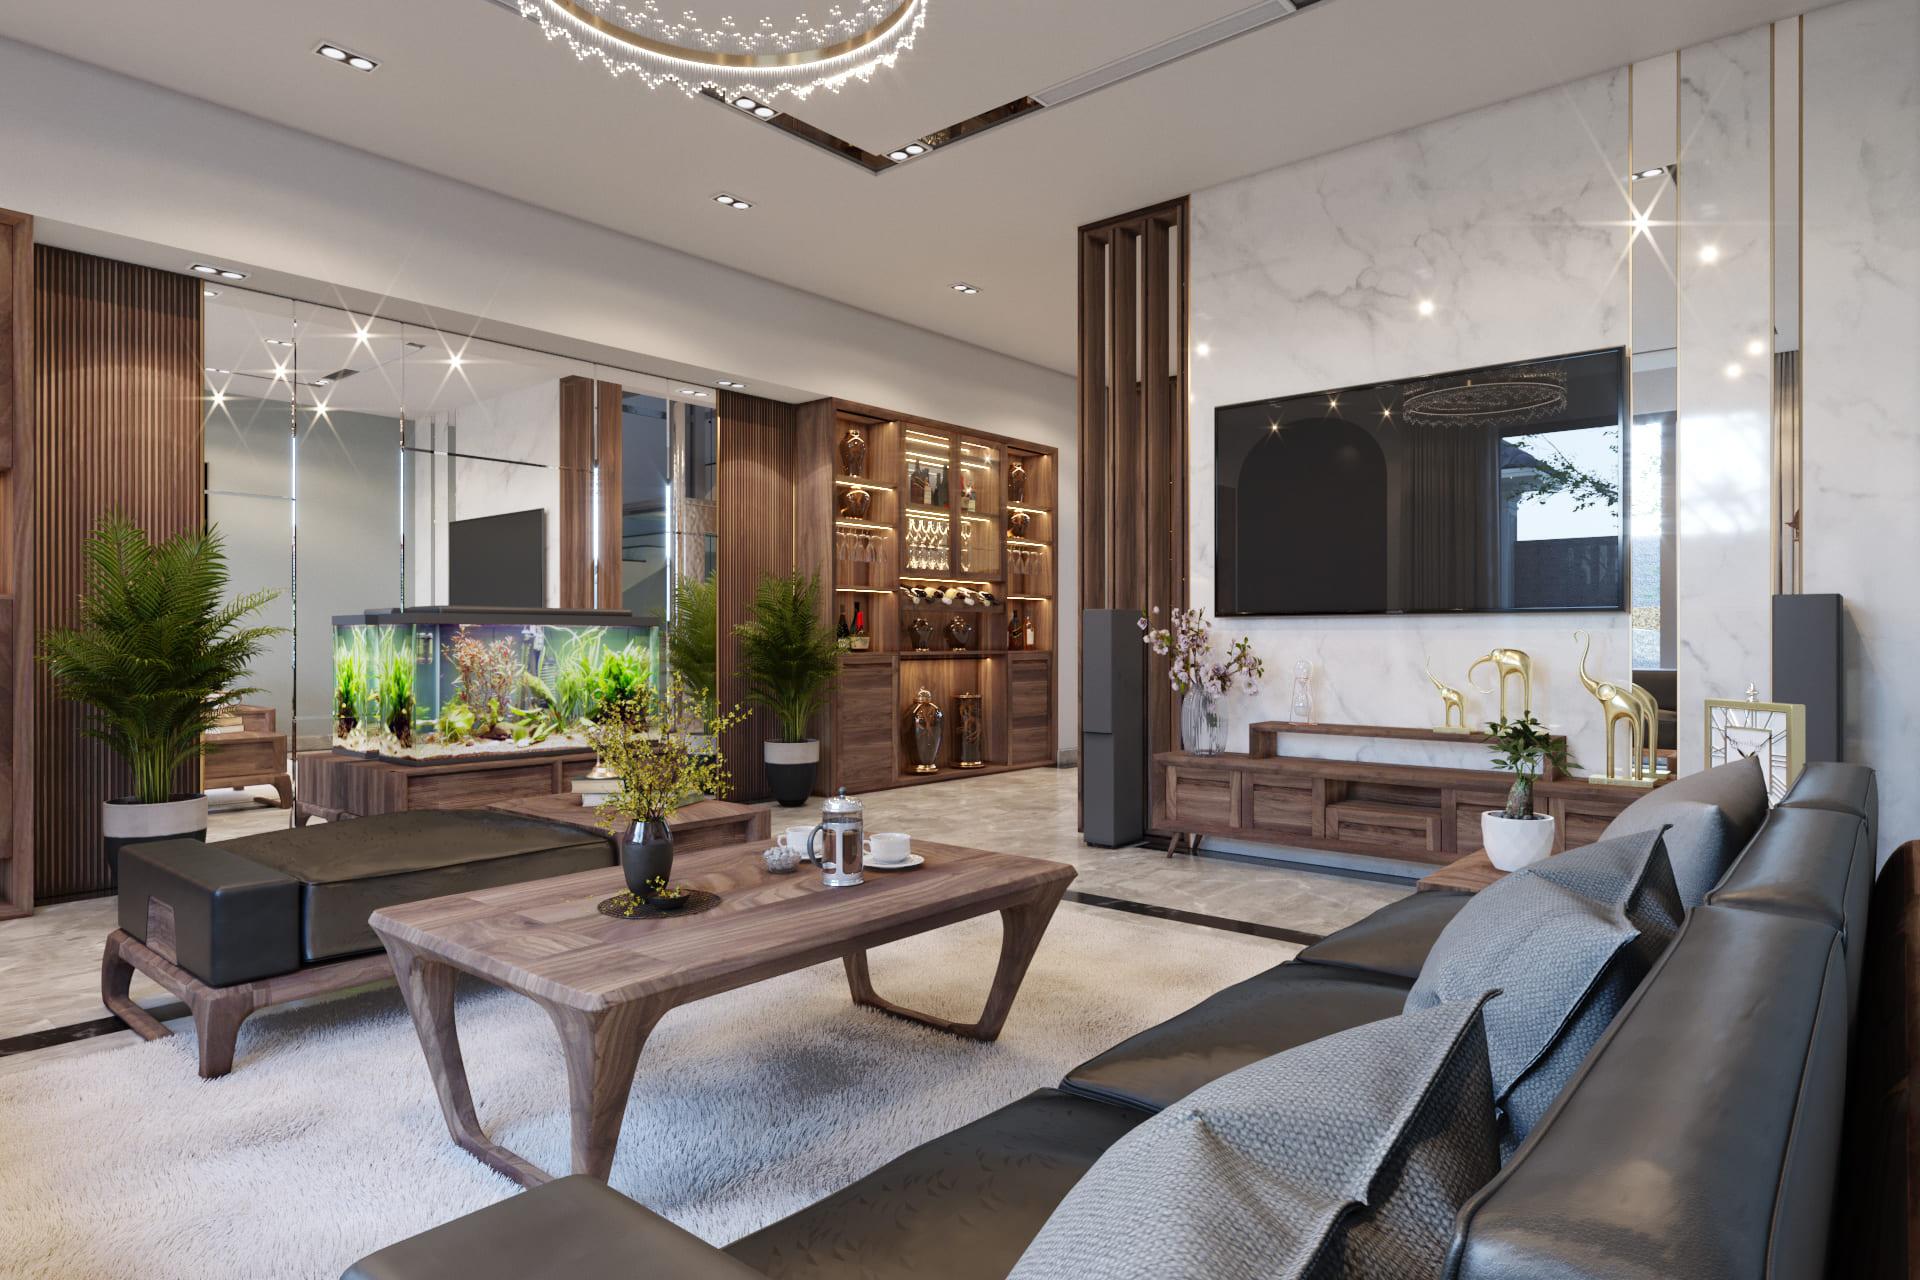 Thiết kế nội thất phòng khách biệt thự đẹp